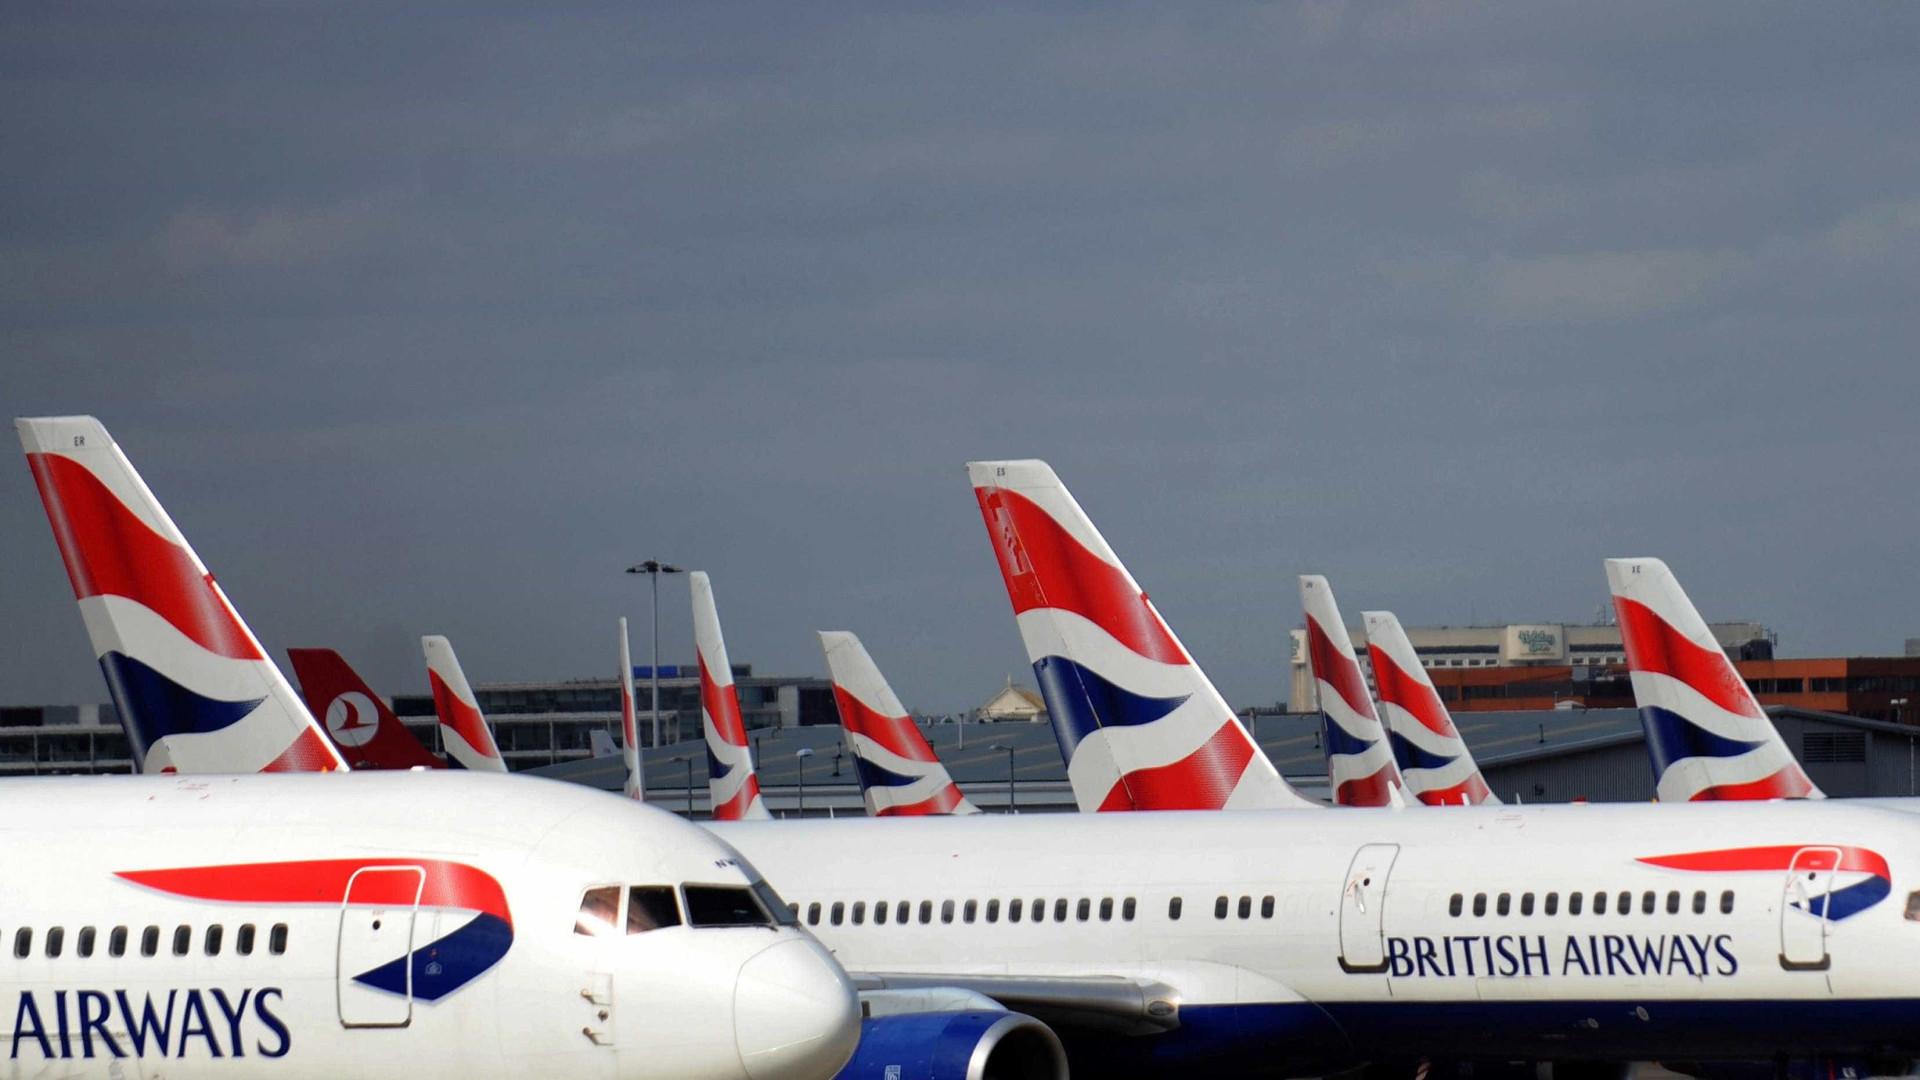 Falso alarme no voo da British Airways em Paris